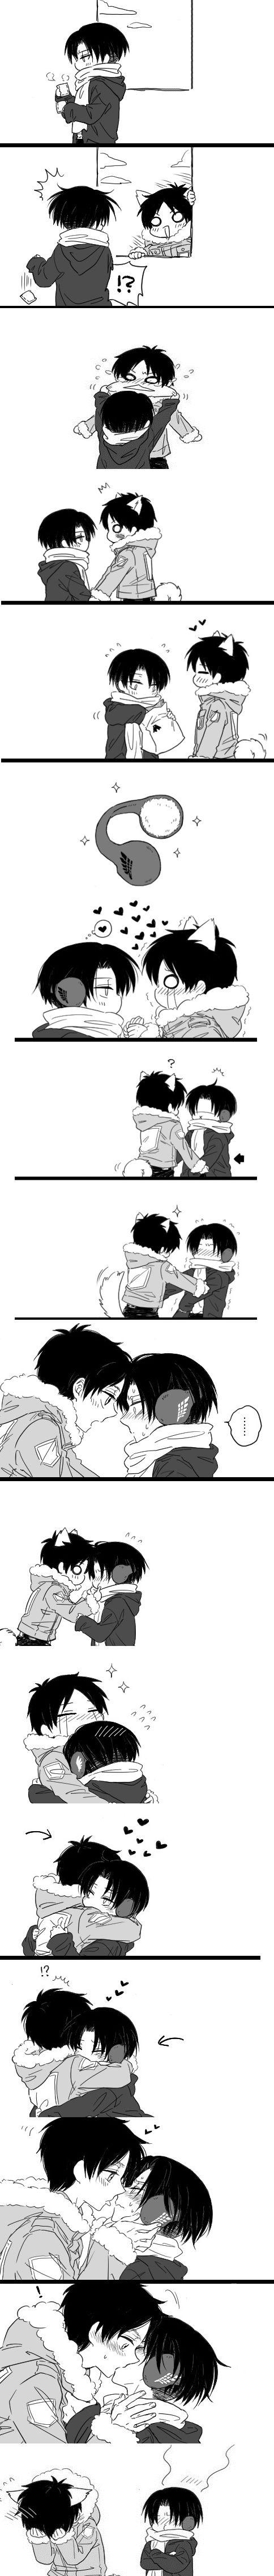 Rivaille (Levi) x Eren Jaeger - SNK Attack on Titan (Yaoi)c'est trop cute!!!!!!!!!!!!!!!!